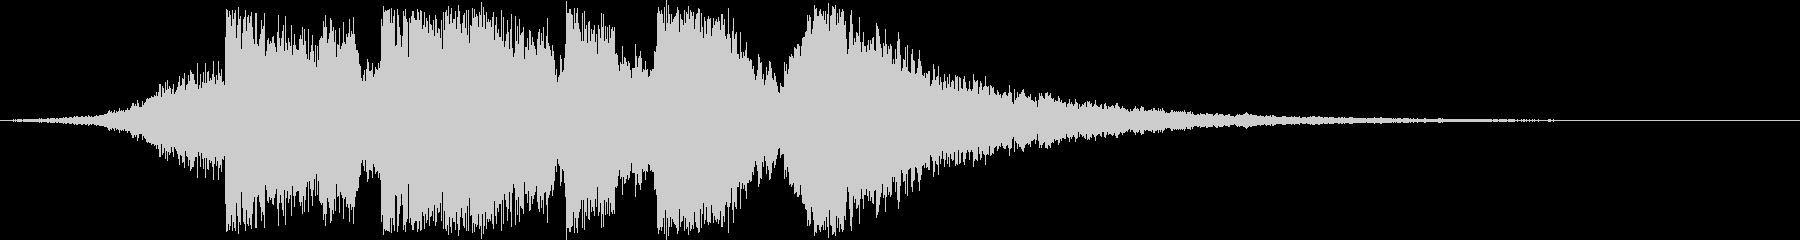 ジングル_ステージクリアの未再生の波形